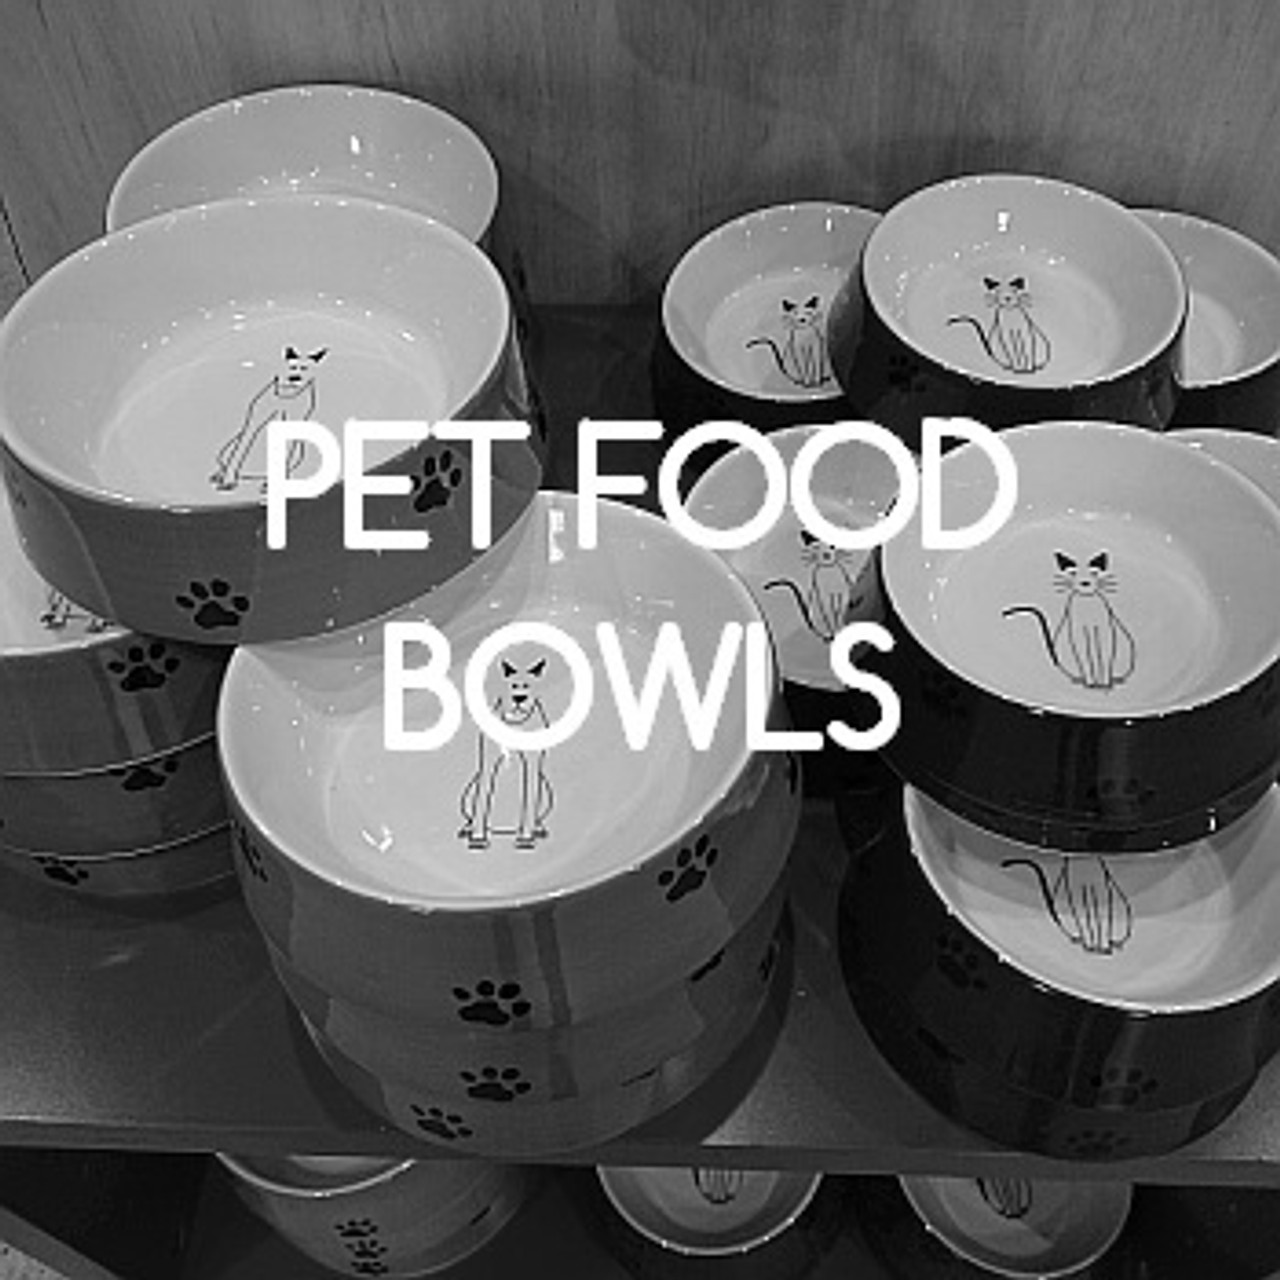 Feeding bowls